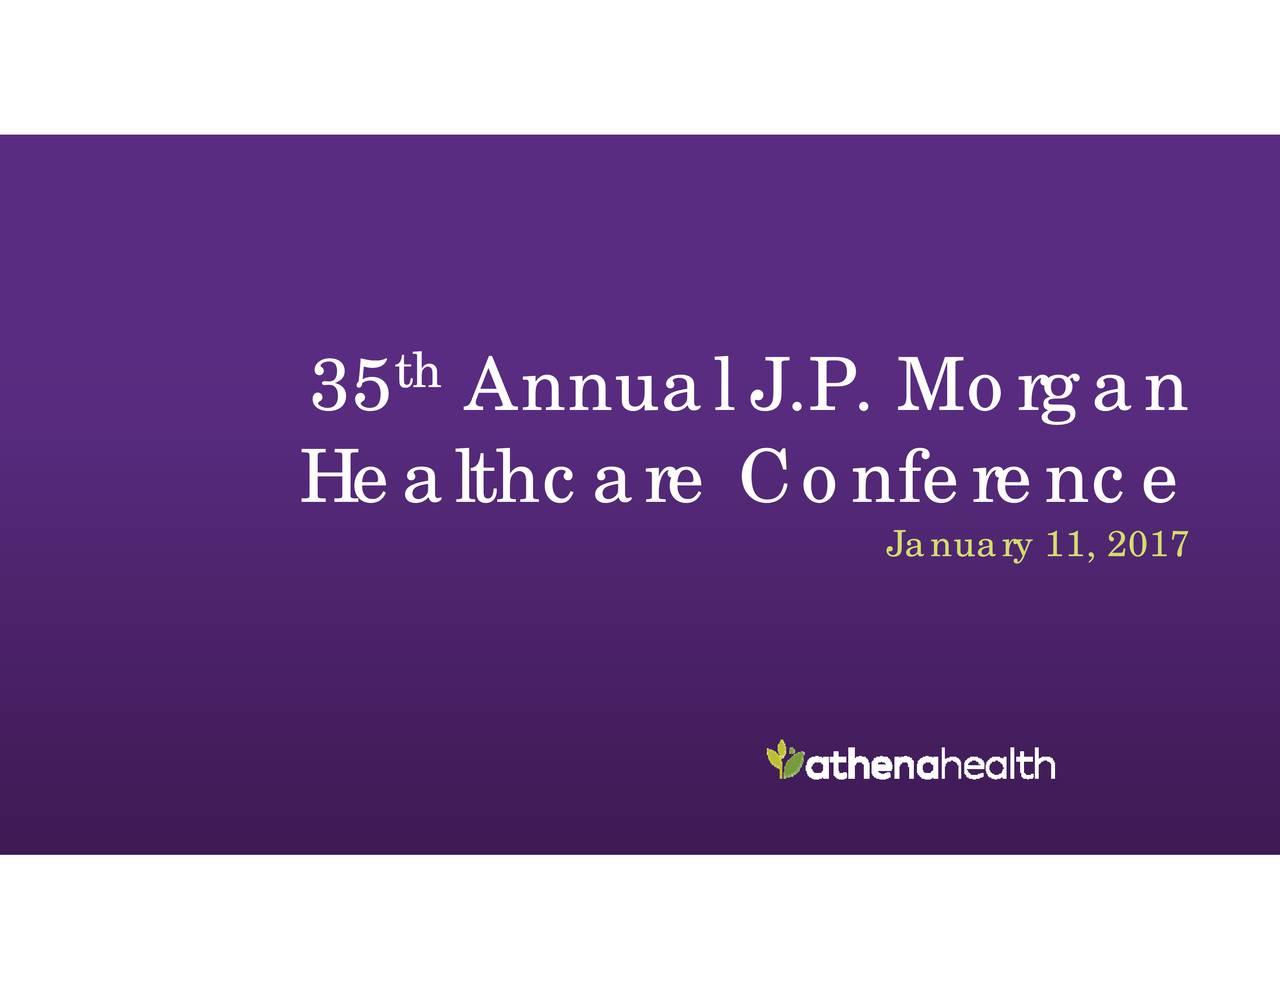 Annual J.P. Morgan th 35 Healthcare Conference 1